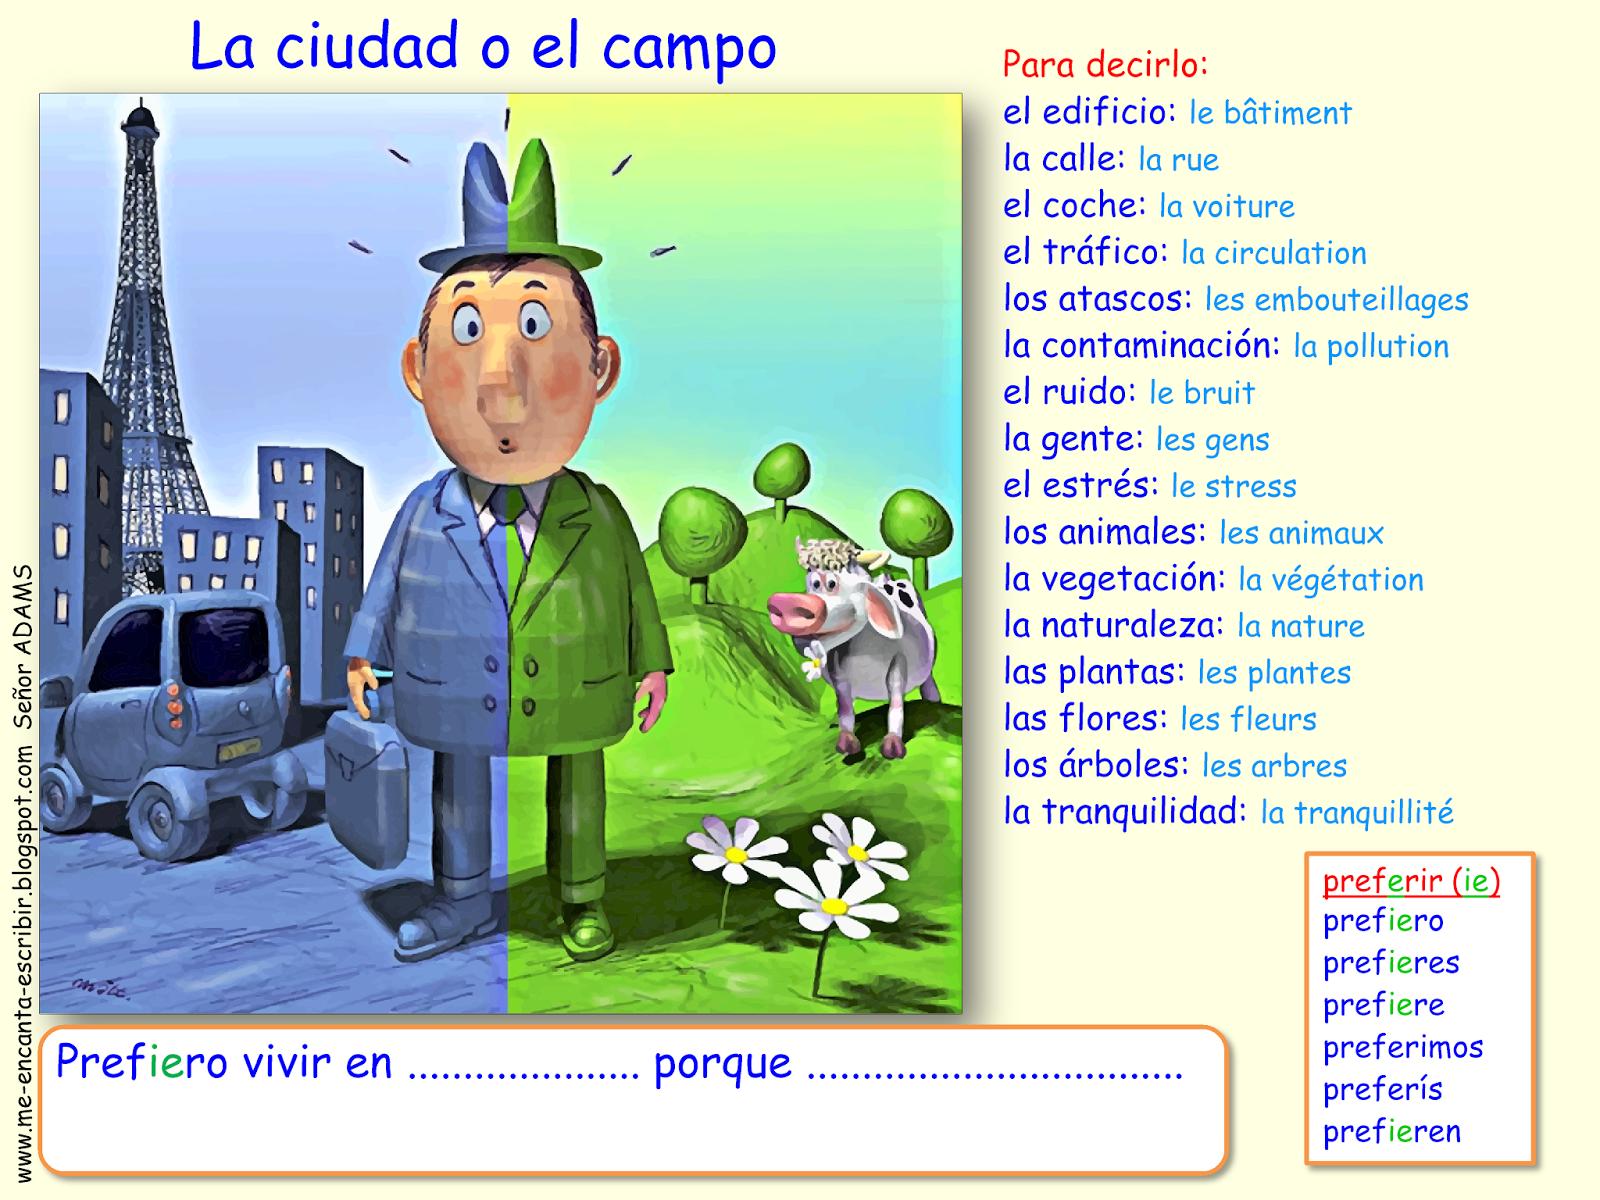 Me Encanta Escribir En Espanol Que Prefieres La Ciudad O El Campo